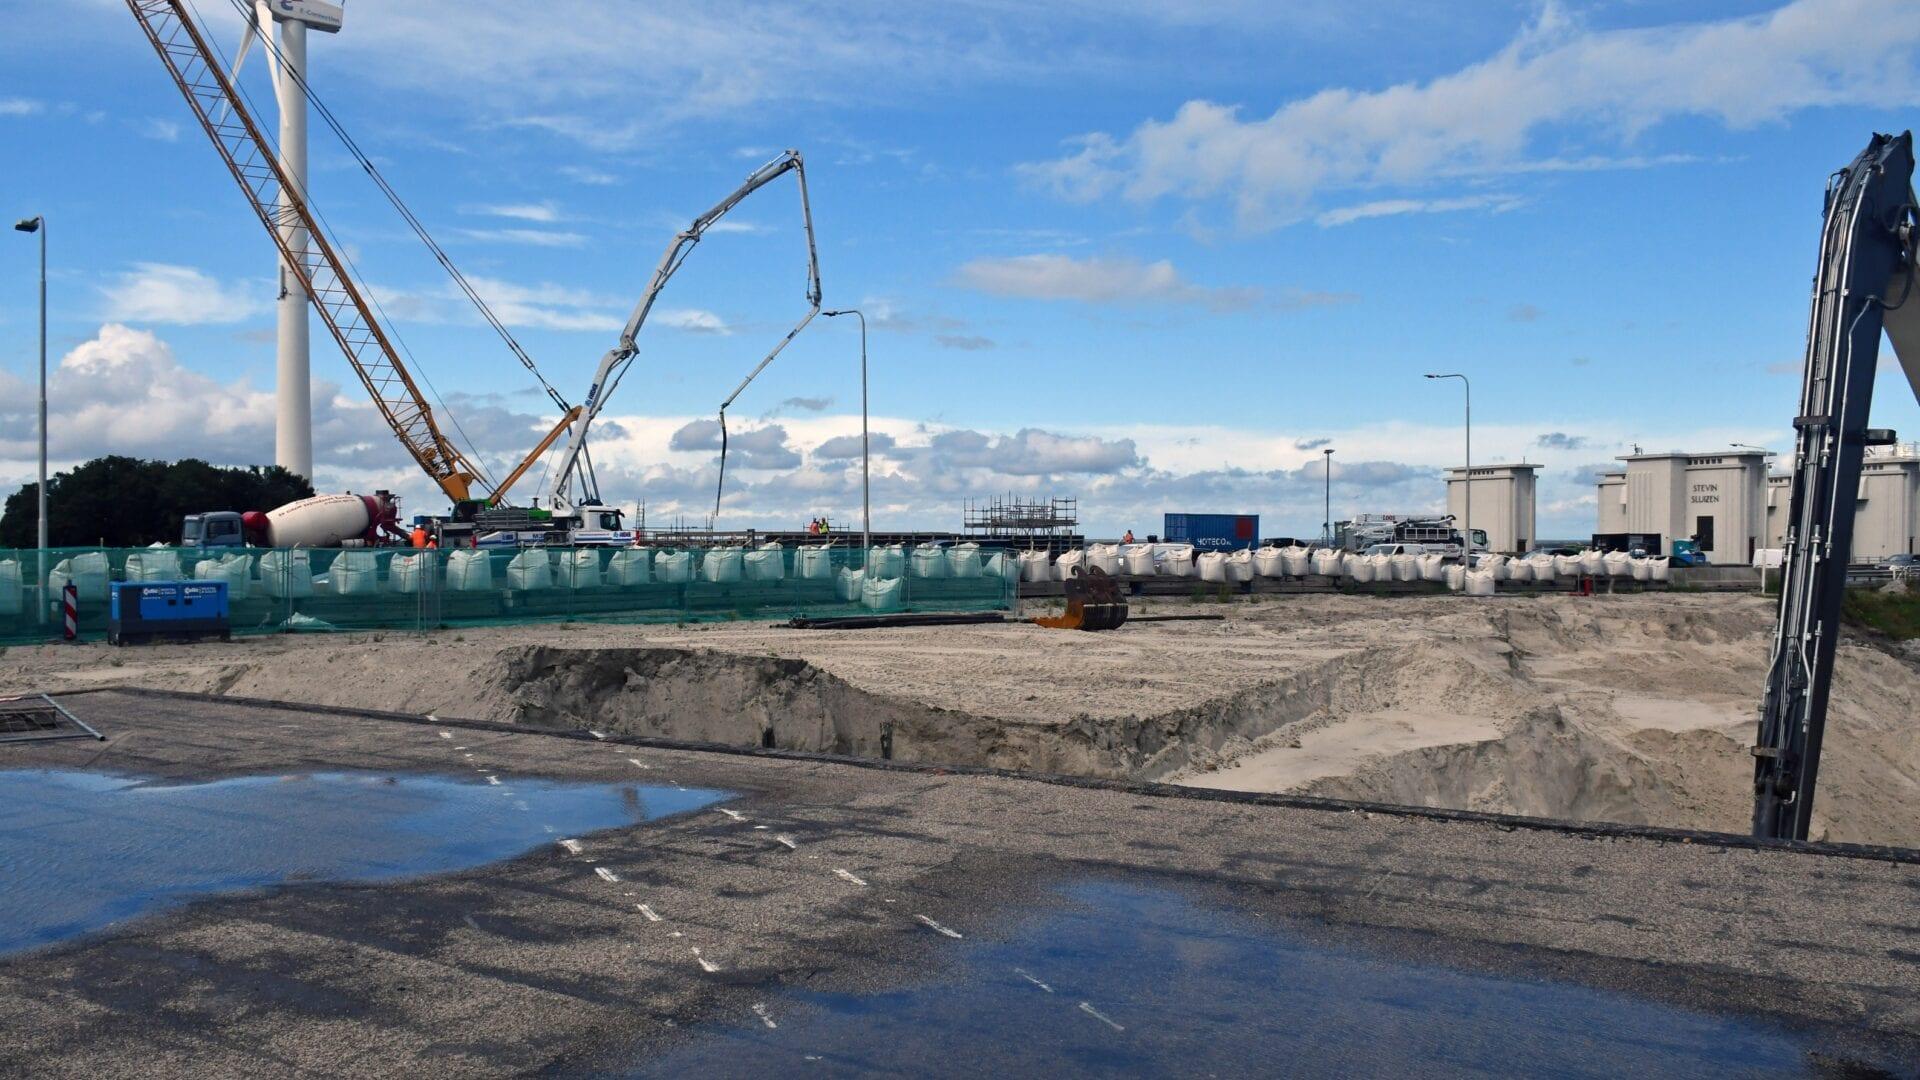 Op de foto zien we een werkterrein waar een deel van de Kazemat wordt weggehaald. We zien kranen en een plas water op de voorgrond.